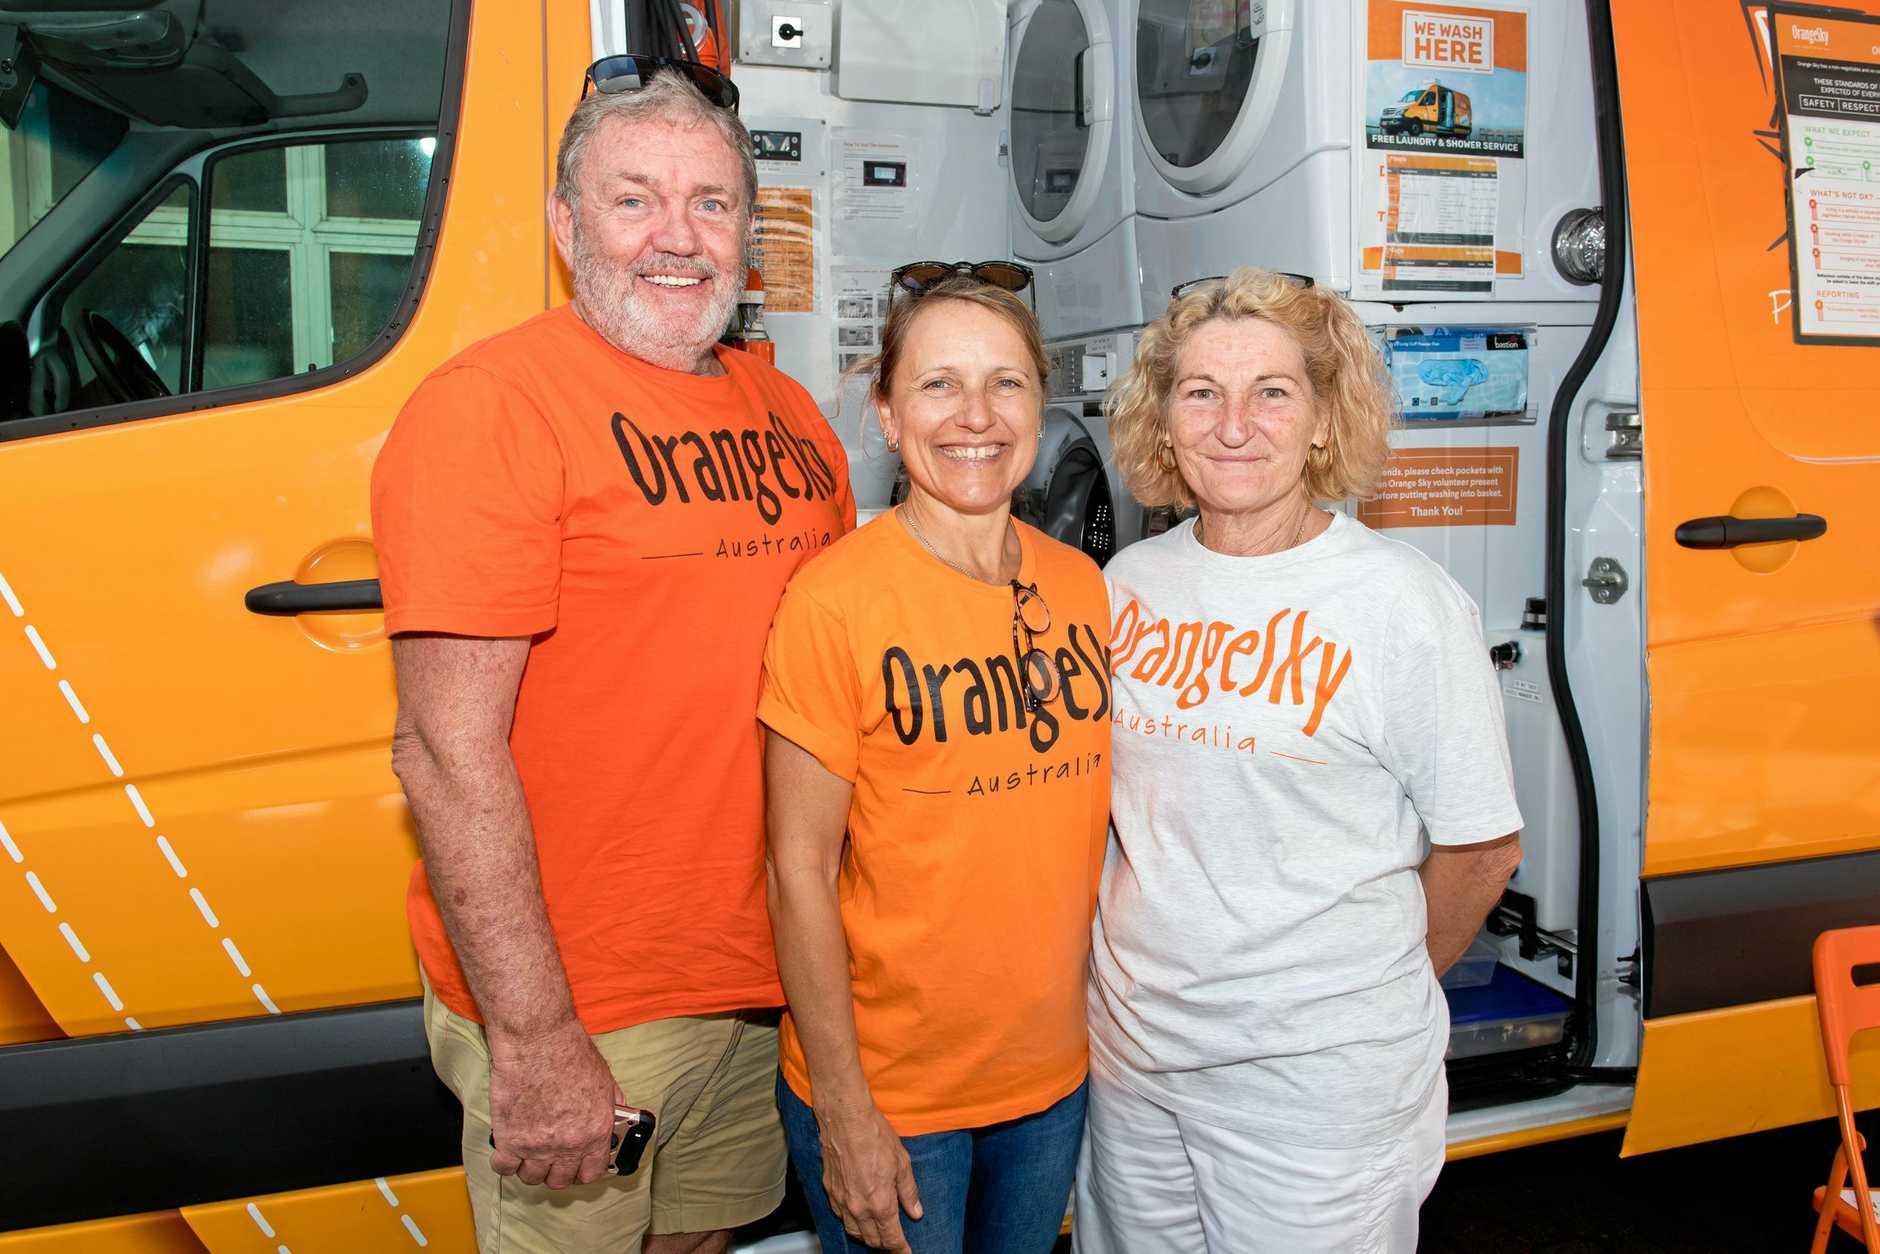 Noel White, Marilyn Bennett, and Valerie McBride from Orange Sky at the Homeless Services Expo on Wednesday.